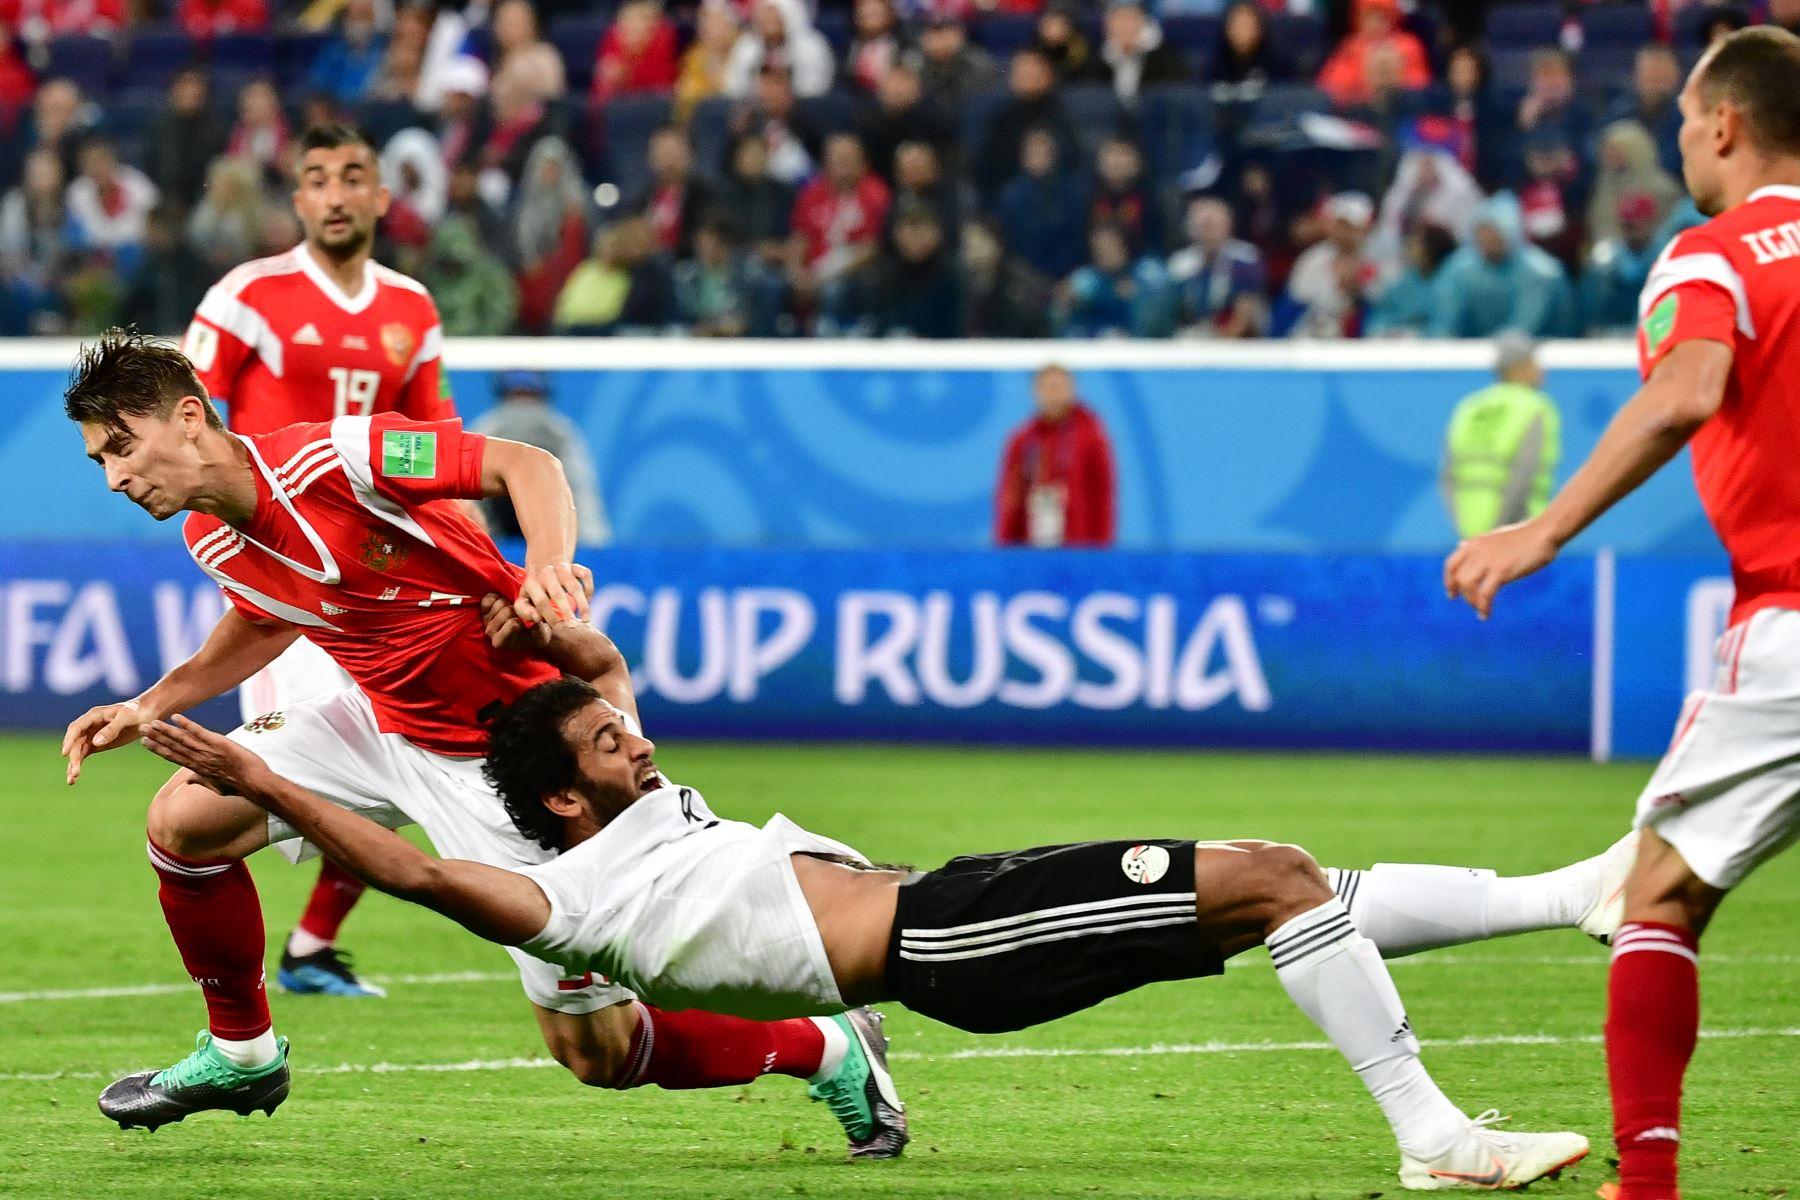 La defensora rusa Ilja Kutepov (L) lucha por el balón con el delantero de Egipto Marwan Mohsen durante el partido de fútbol Rusia A del Grupo A de la Copa Mundial 2018 entre Rusia y Egipto en el Estadio de San Petersburgo el 19 de junio de 2018. / AFP